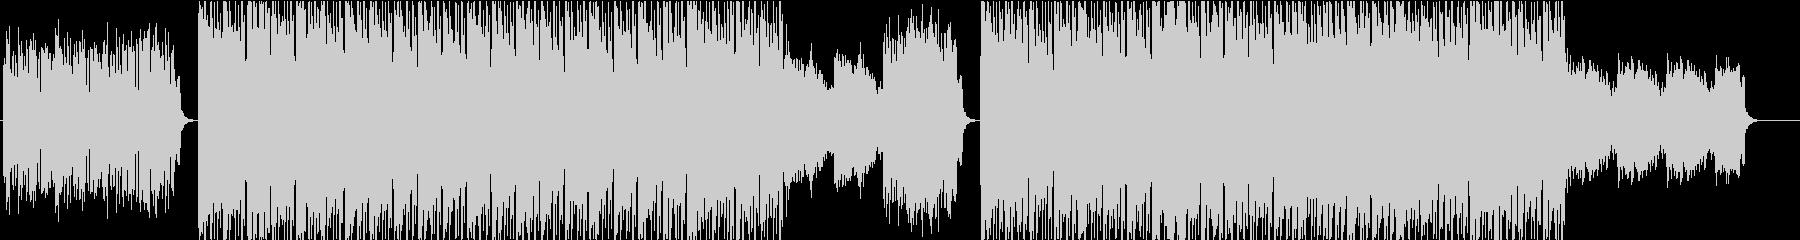 エレクトロニックフュージョン(WAV)の未再生の波形